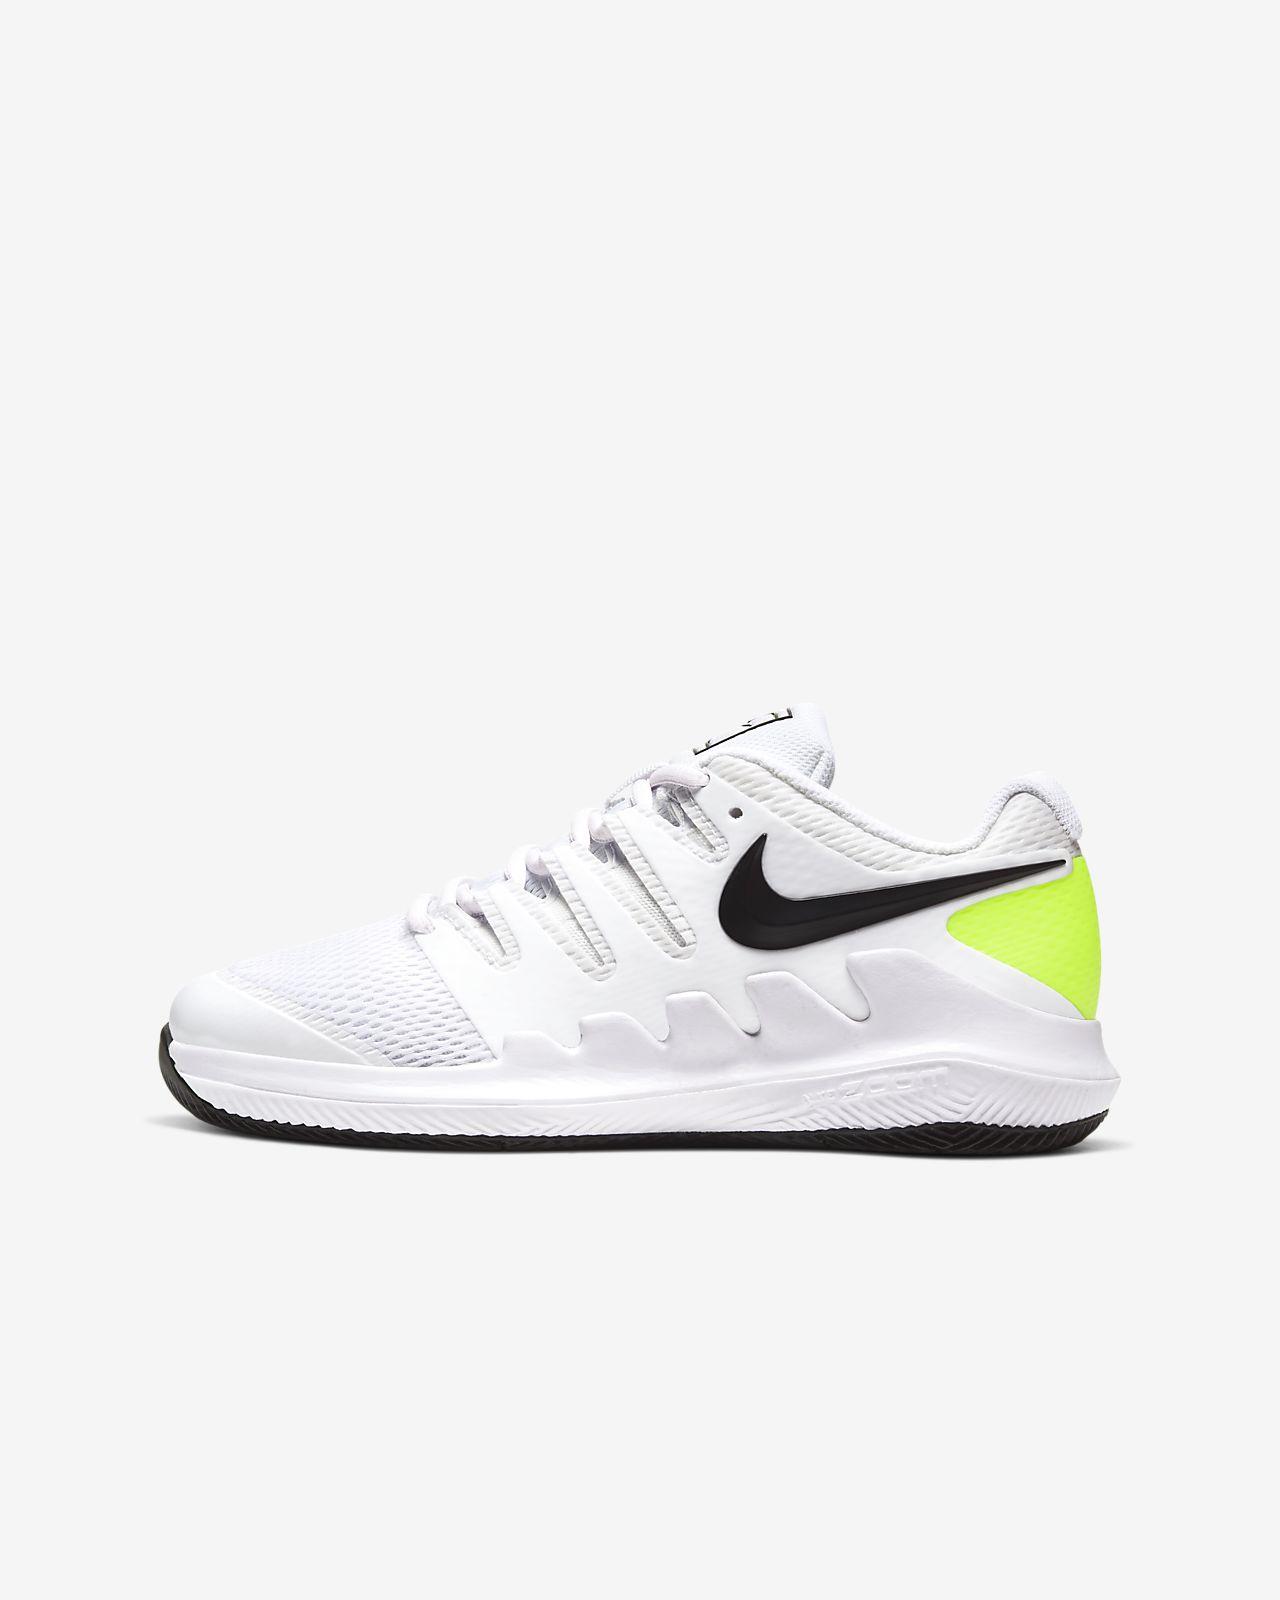 NikeCourt Jr. Vapor X Little/Big Kids